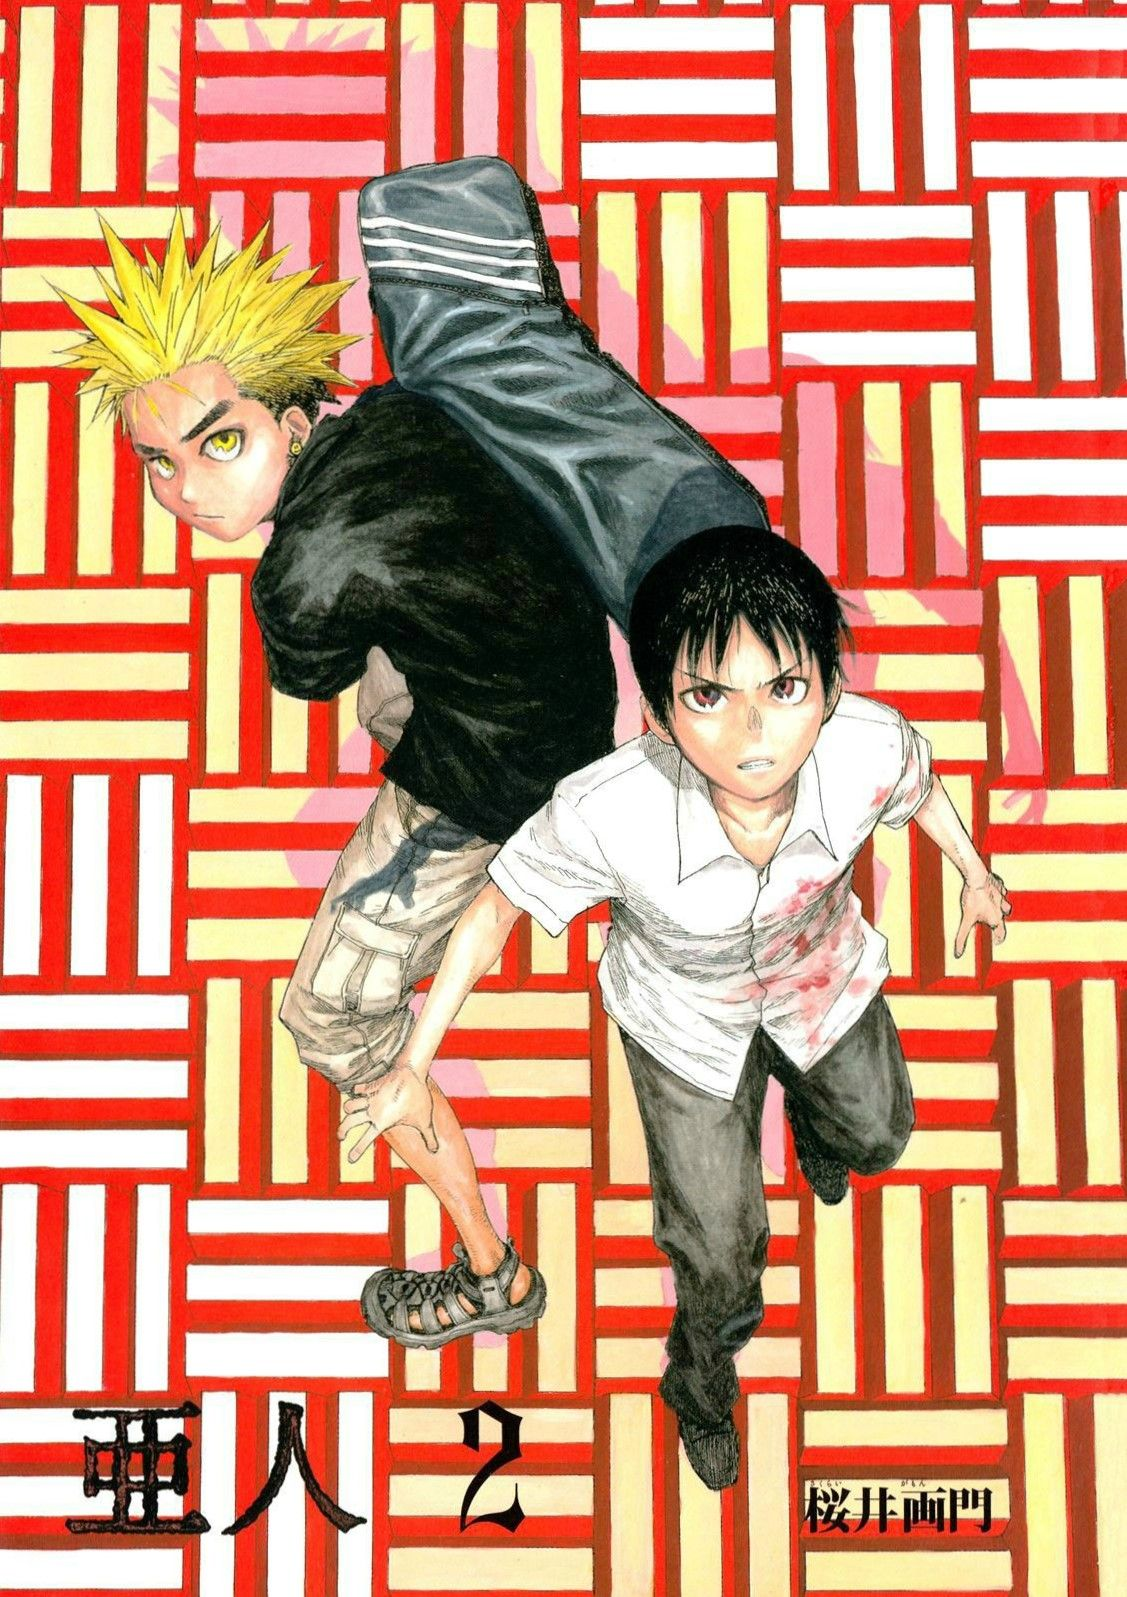 Ajin Kei and Kaito Ajin, Ajin manga, Ajin anime